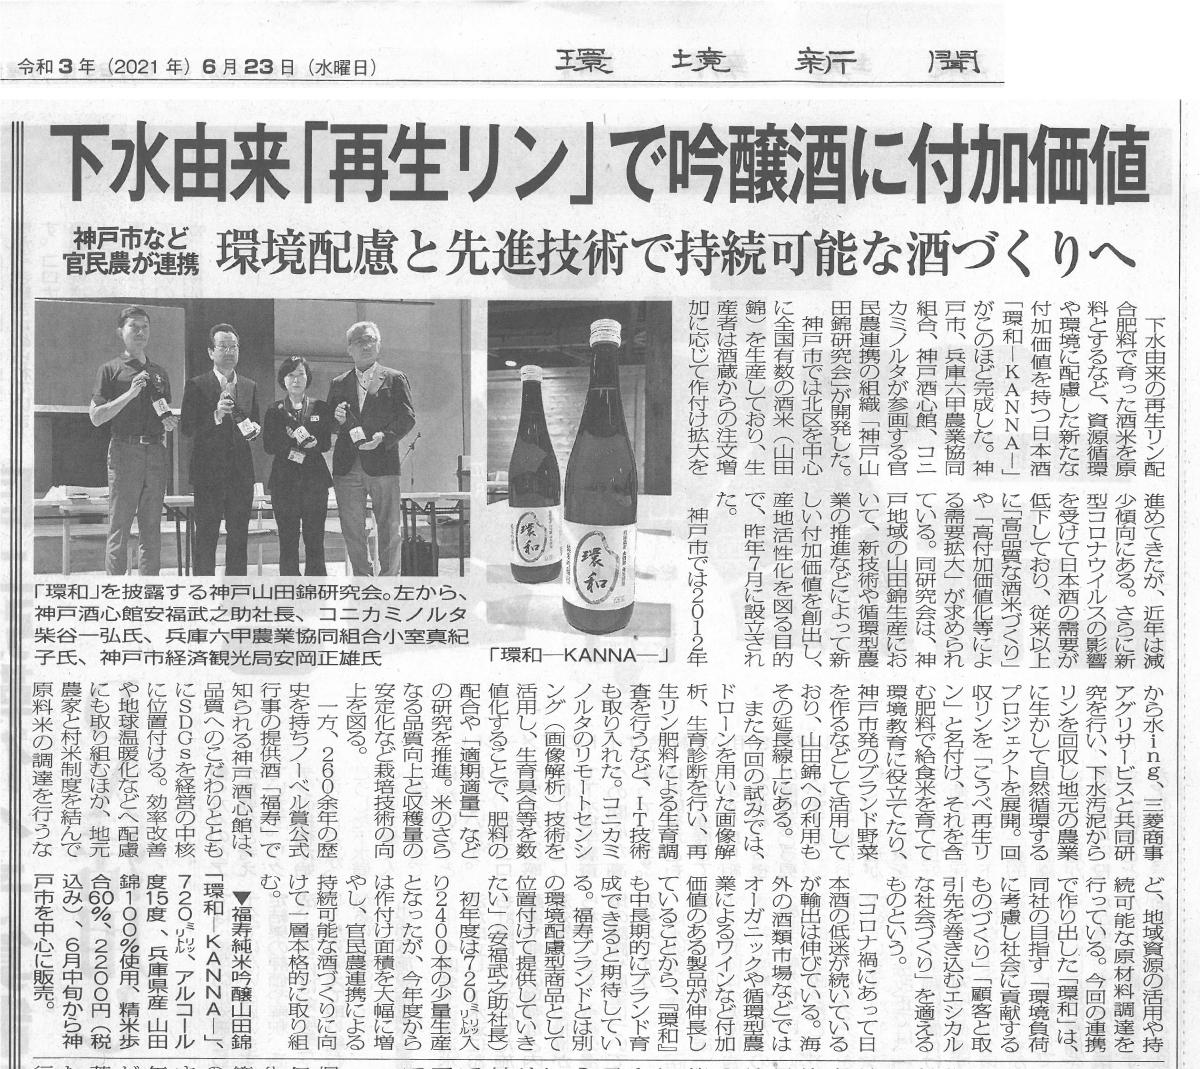 環境新聞で「環和 -KANNNA-」が紹介されました